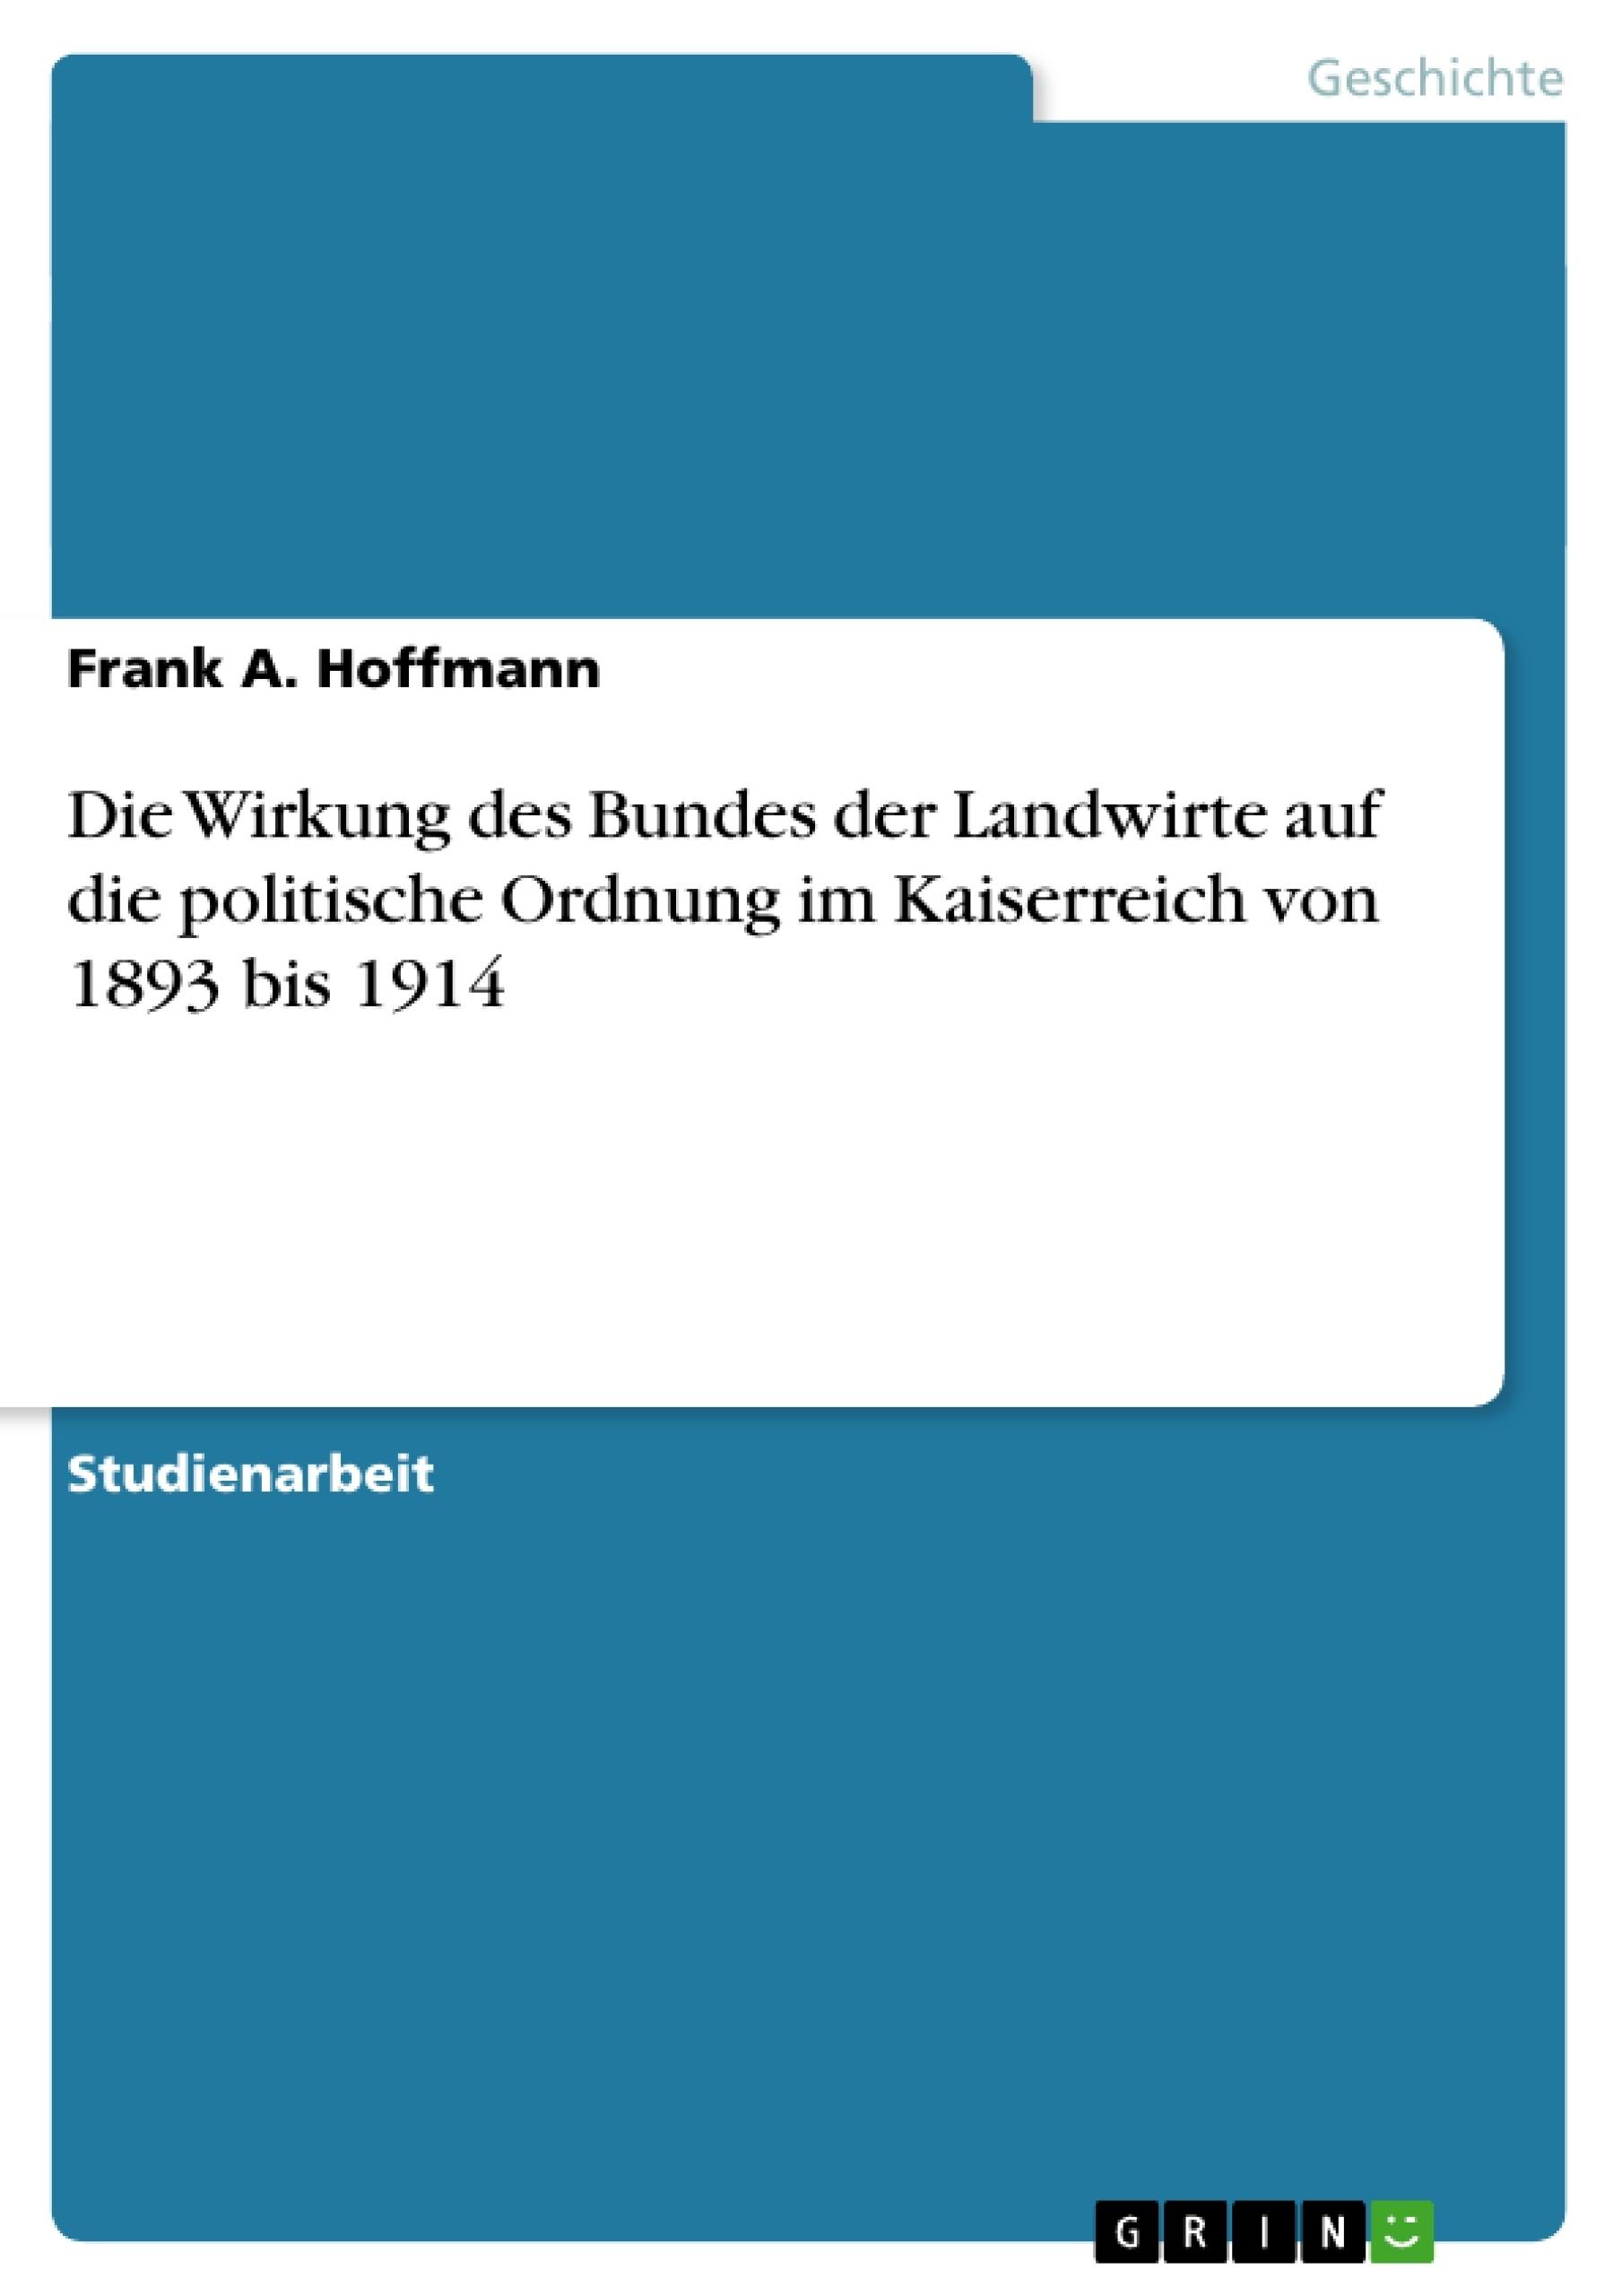 Titel: Die Wirkung des Bundes der Landwirte  auf die politische Ordnung im Kaiserreich von 1893 bis 1914